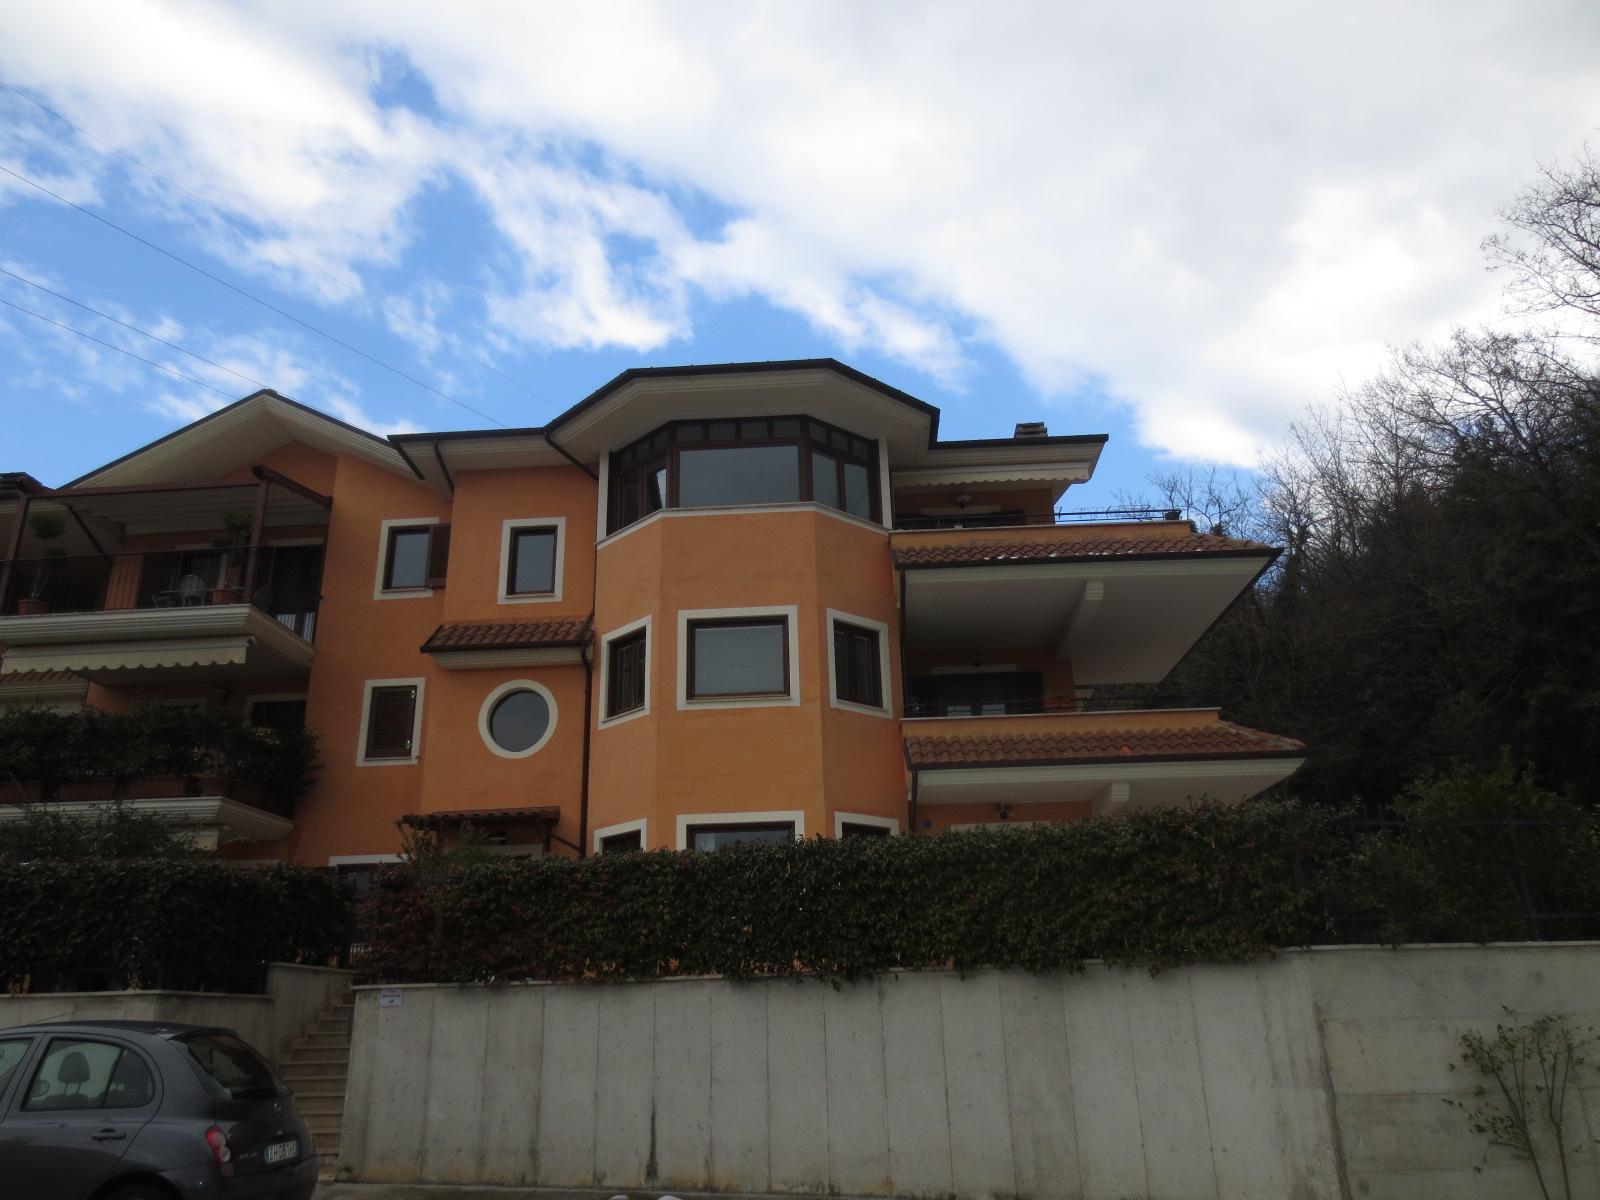 Appartamento in vendita a Ascoli Piceno, 5 locali, prezzo € 230.000 | CambioCasa.it